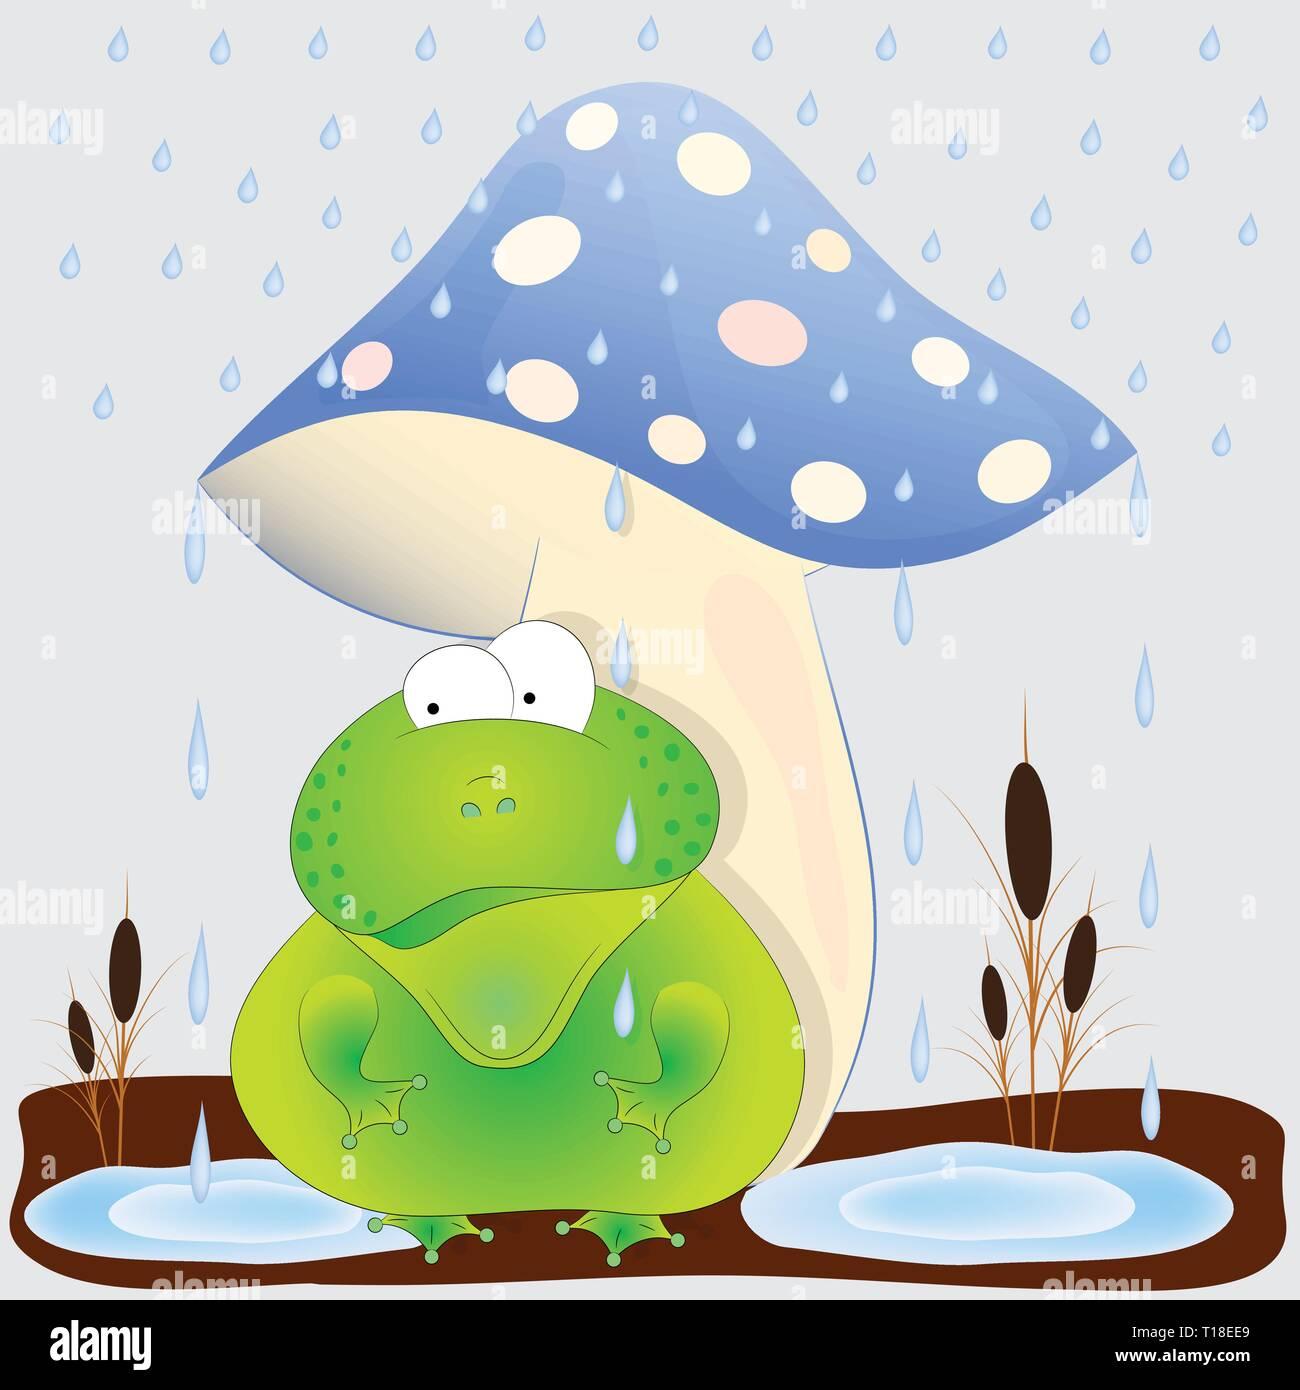 toad under the mushroom cartoon vector illustration - Stock Vector